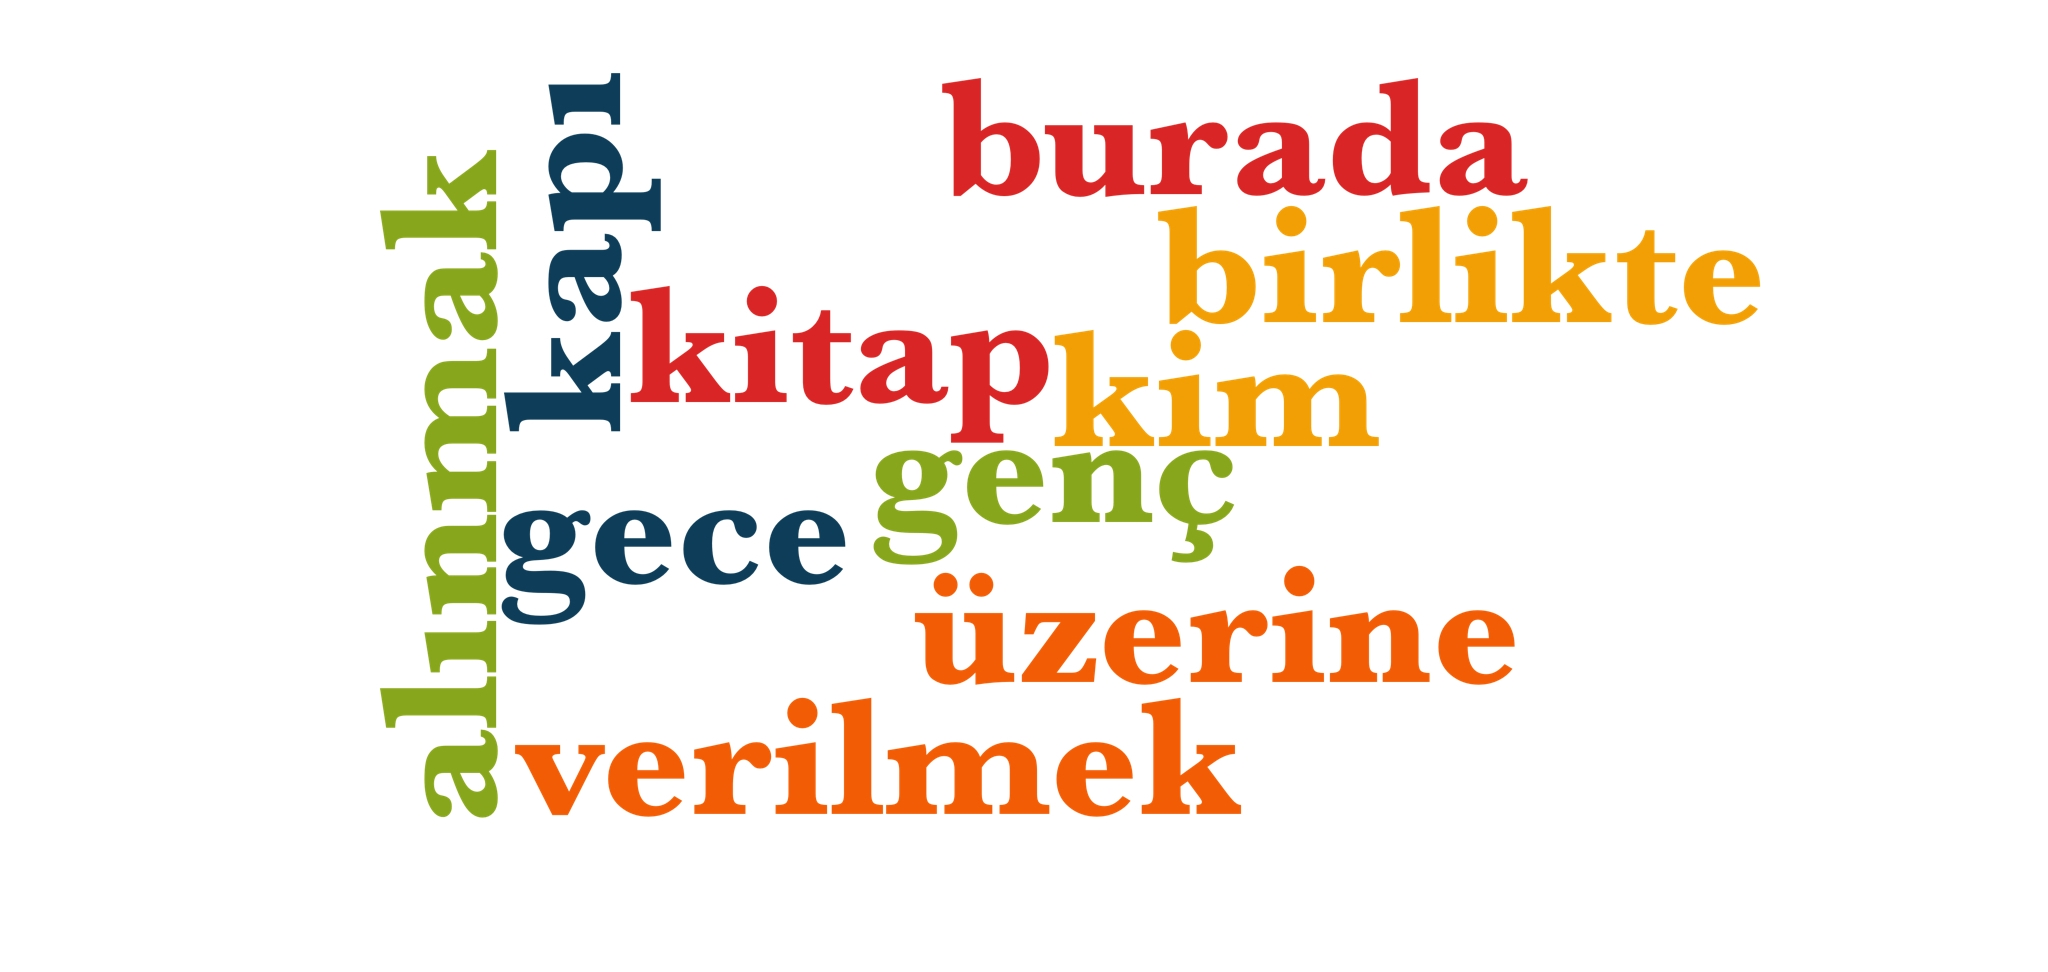 Wörter 181 bis 190 der 1000 häufigsten Wörter der türkischen Sprache